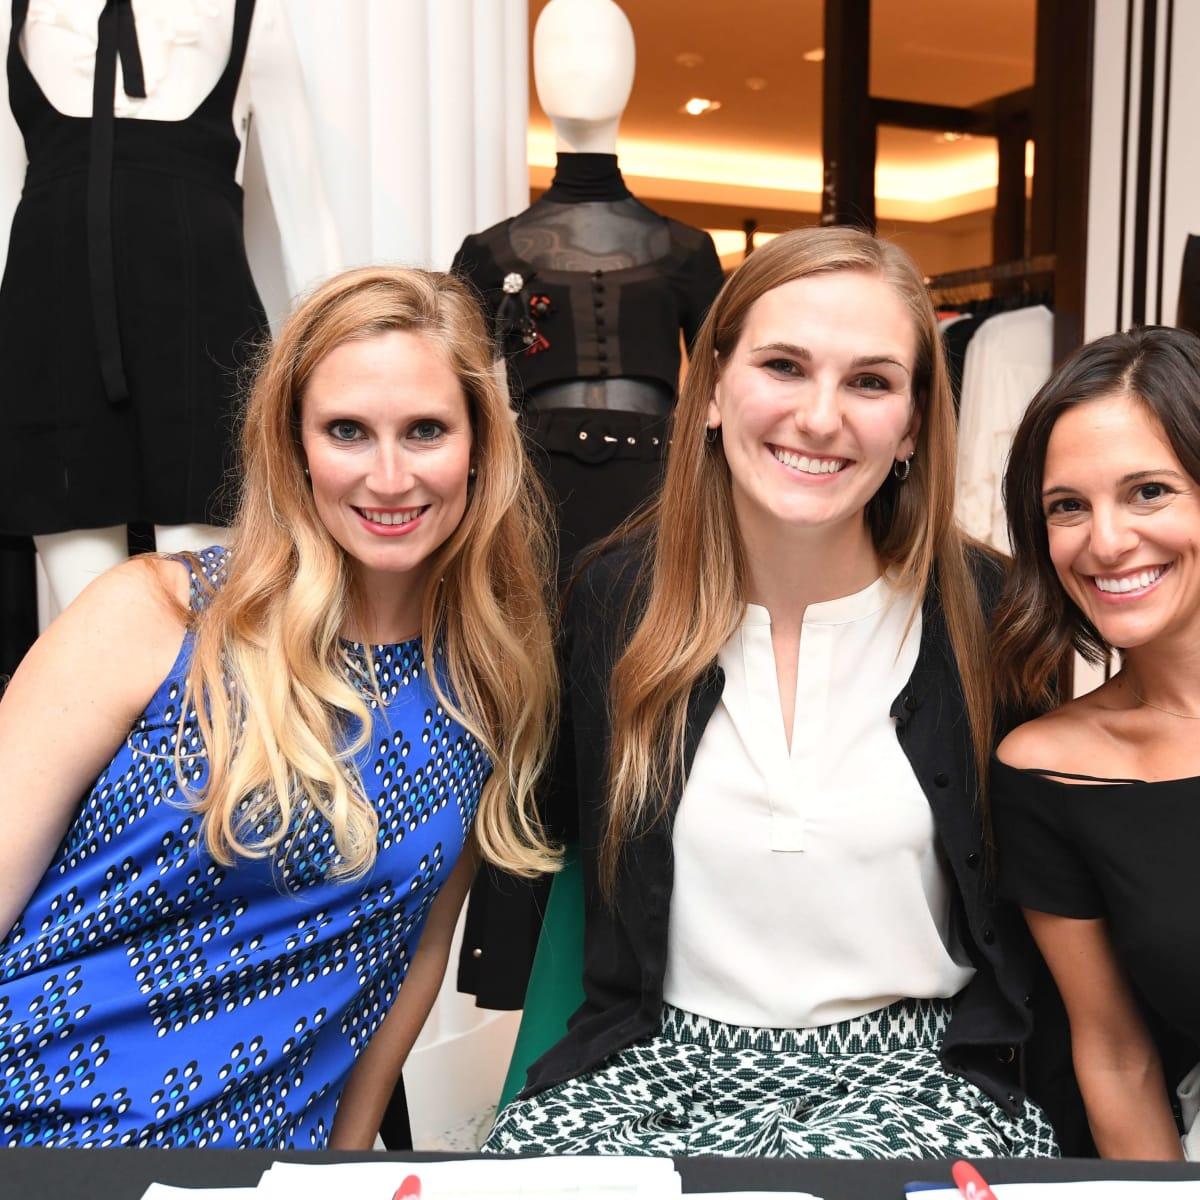 Women of Wardrobe, Aug. 2016, Elizabeth Doughtie, Jordan Lewis, Allie Danziger